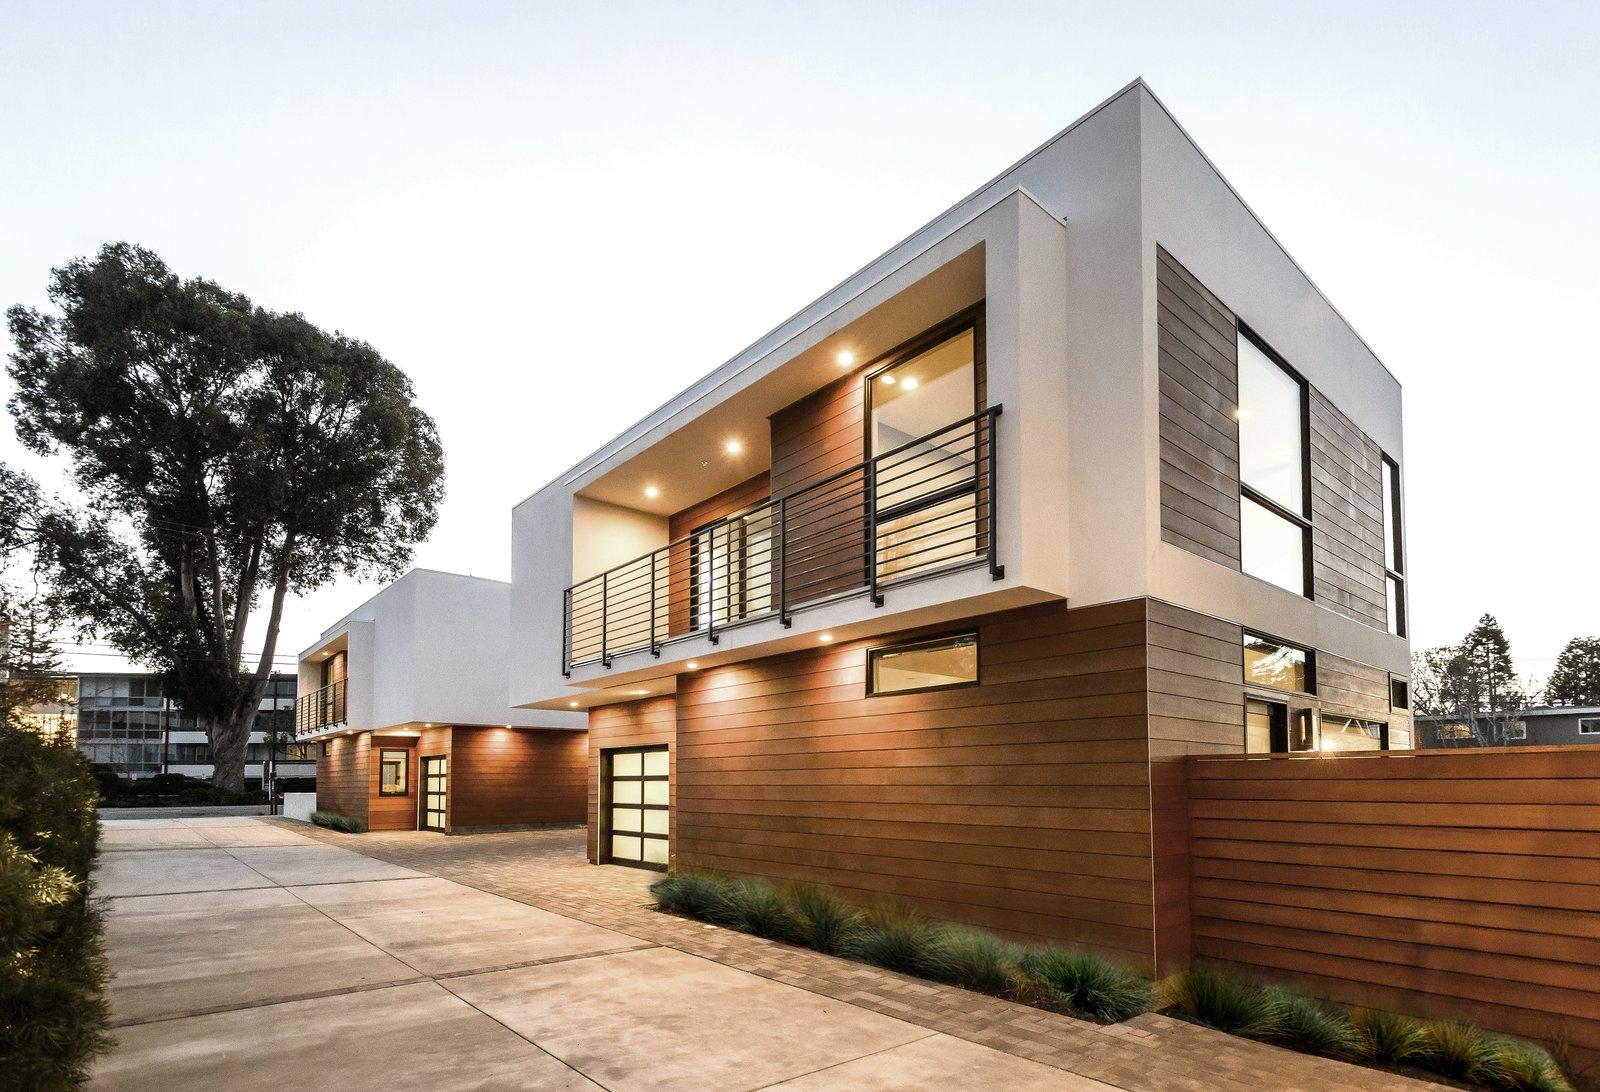 Outdoor  El Camino Real Triplex by Todd Davis Architecture